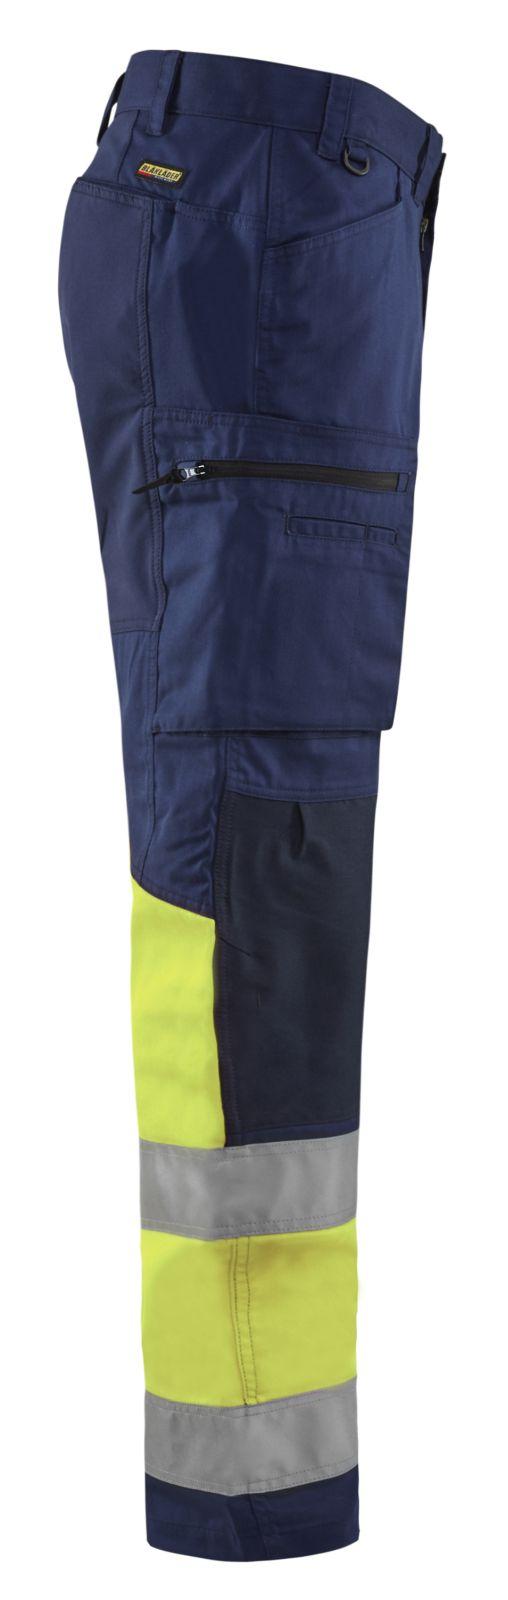 Blaklader Softshell werkbroeken 15511811 High Vis marineblauw-geel(8933)